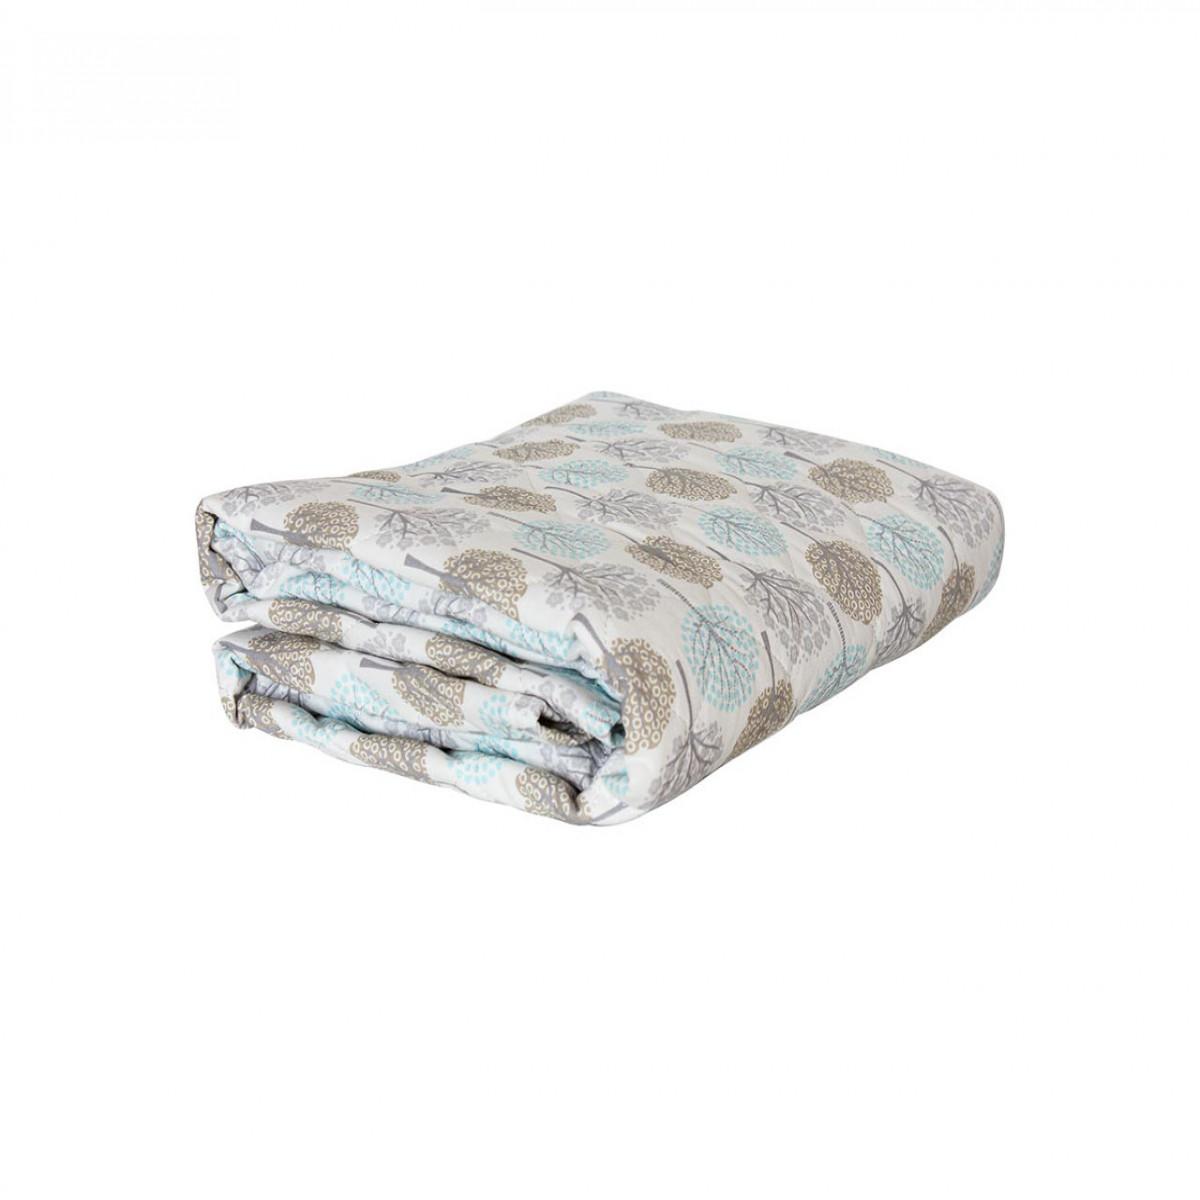 Cobertor Practicuna  Carestino